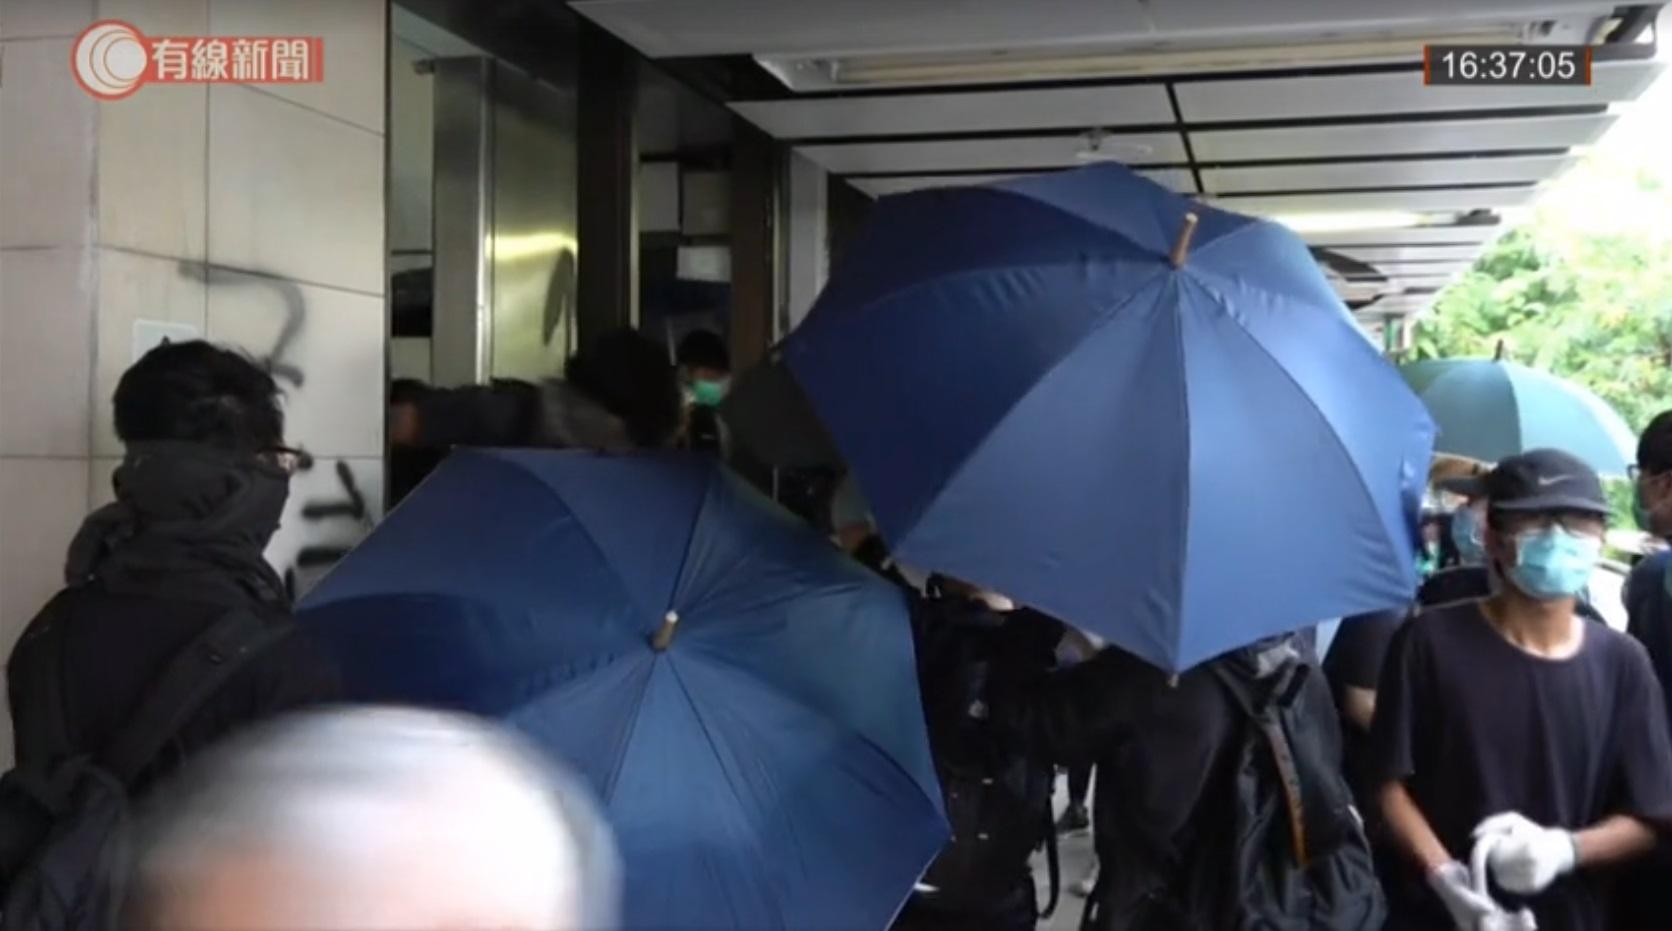 上水有示威者破壞商店。有線新聞截圖